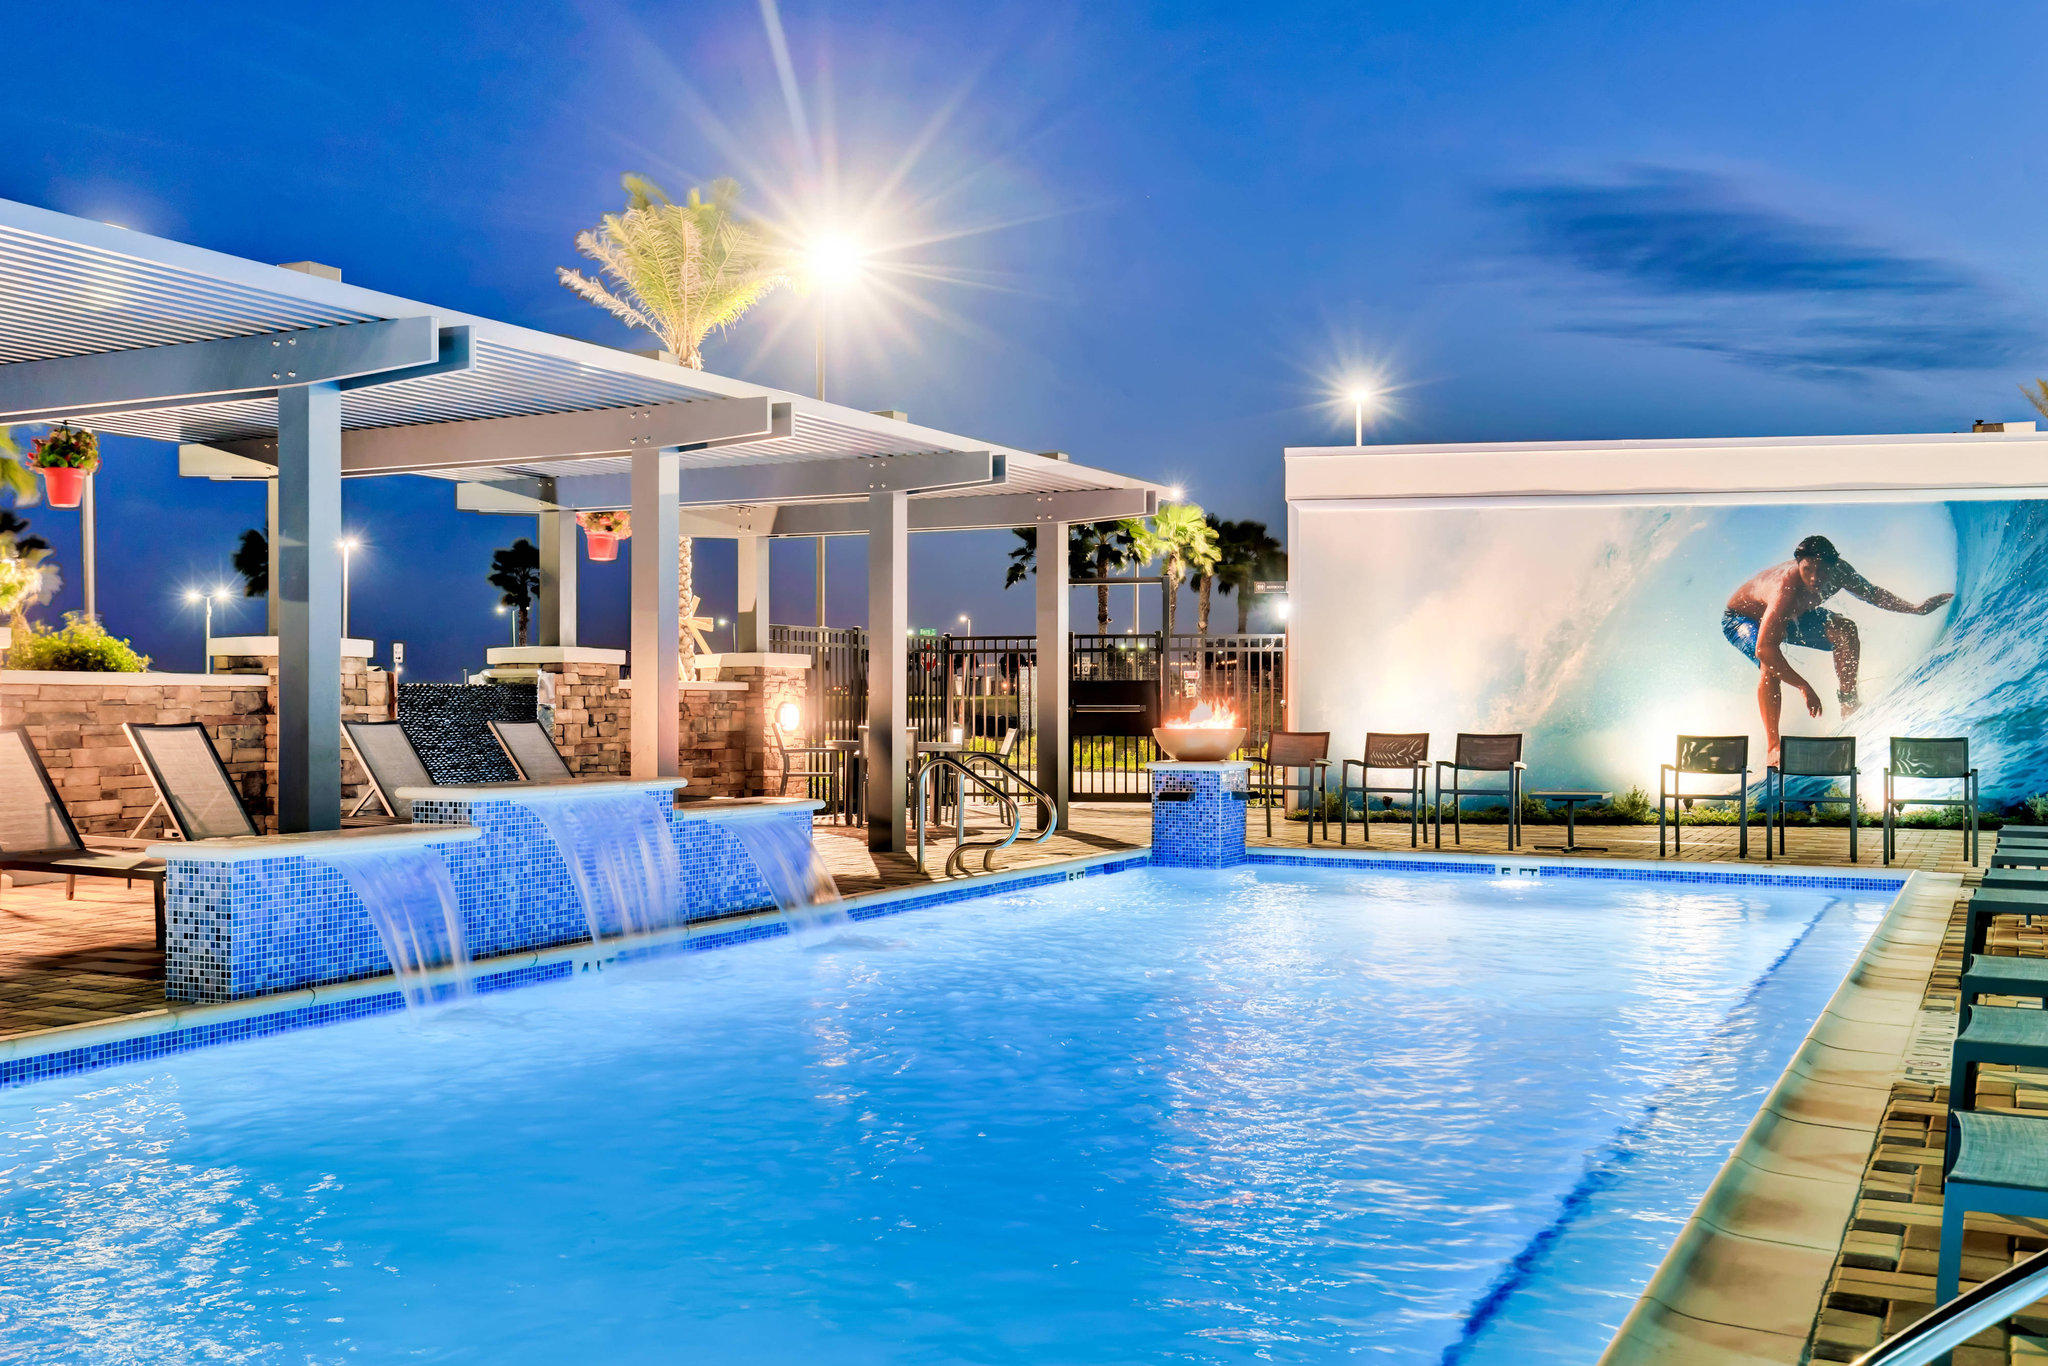 Residence Inn by Marriott Corpus Christi Downtown